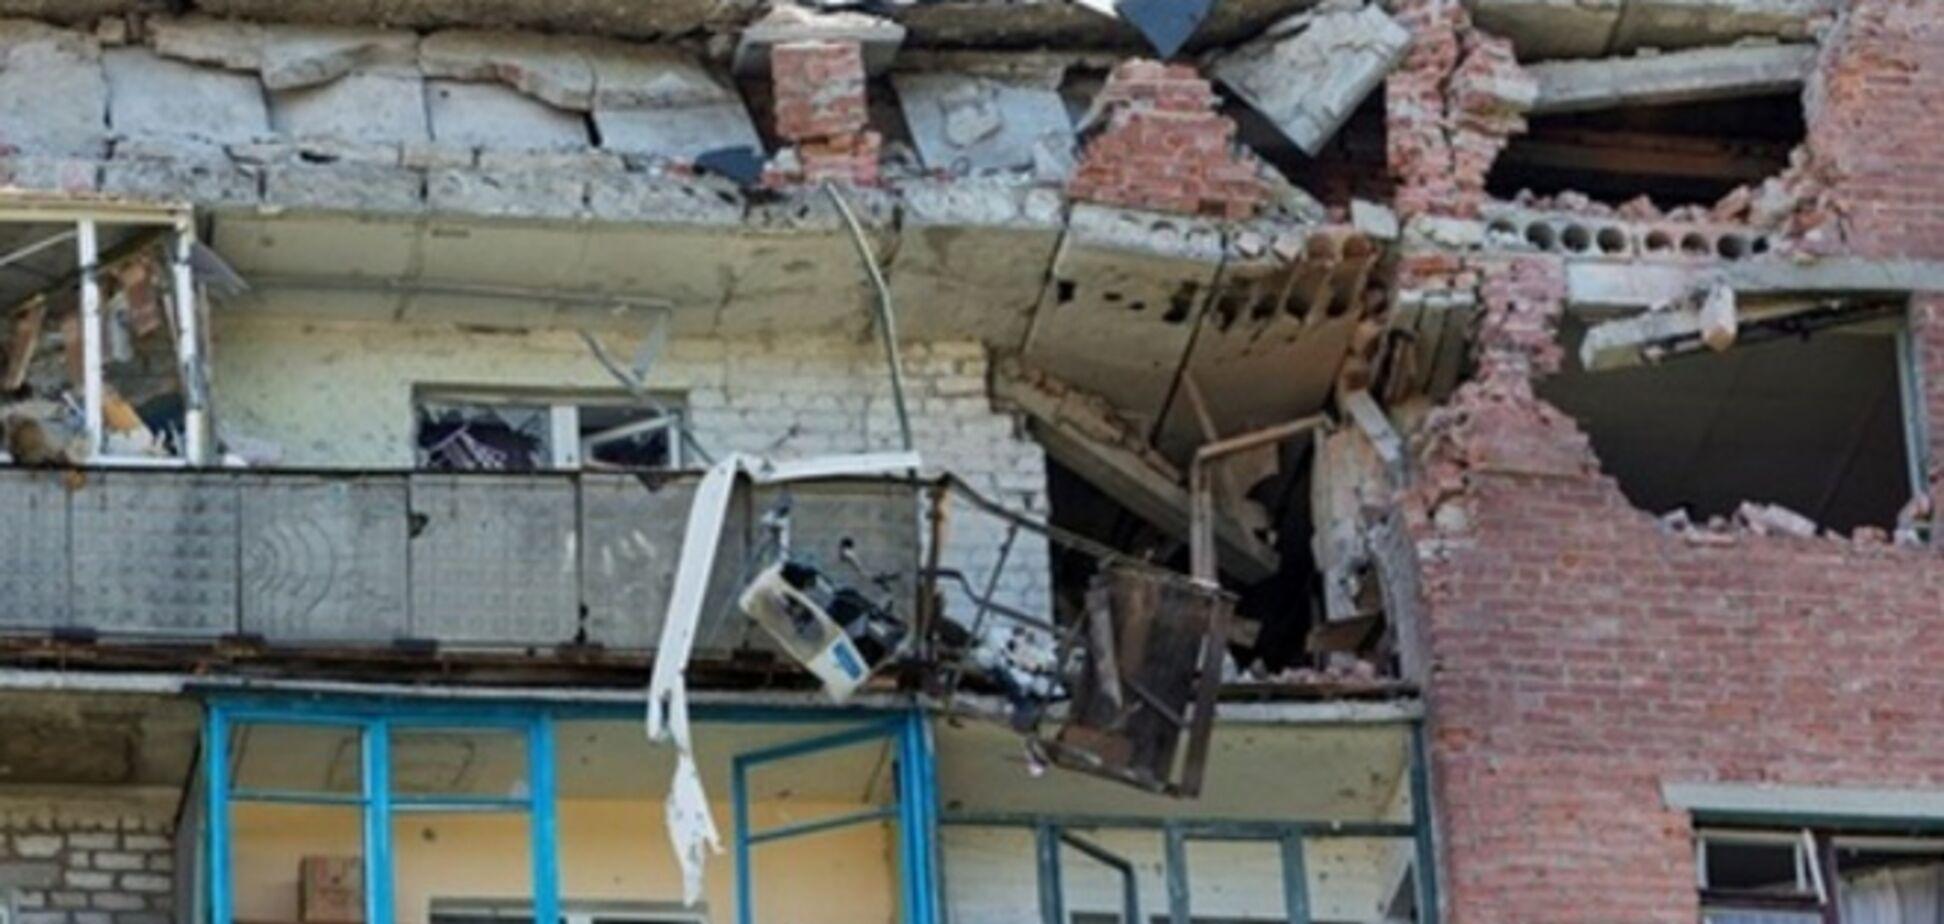 Обстрел в Краматорске разрушил квартиру экс-тренера сборной Украины